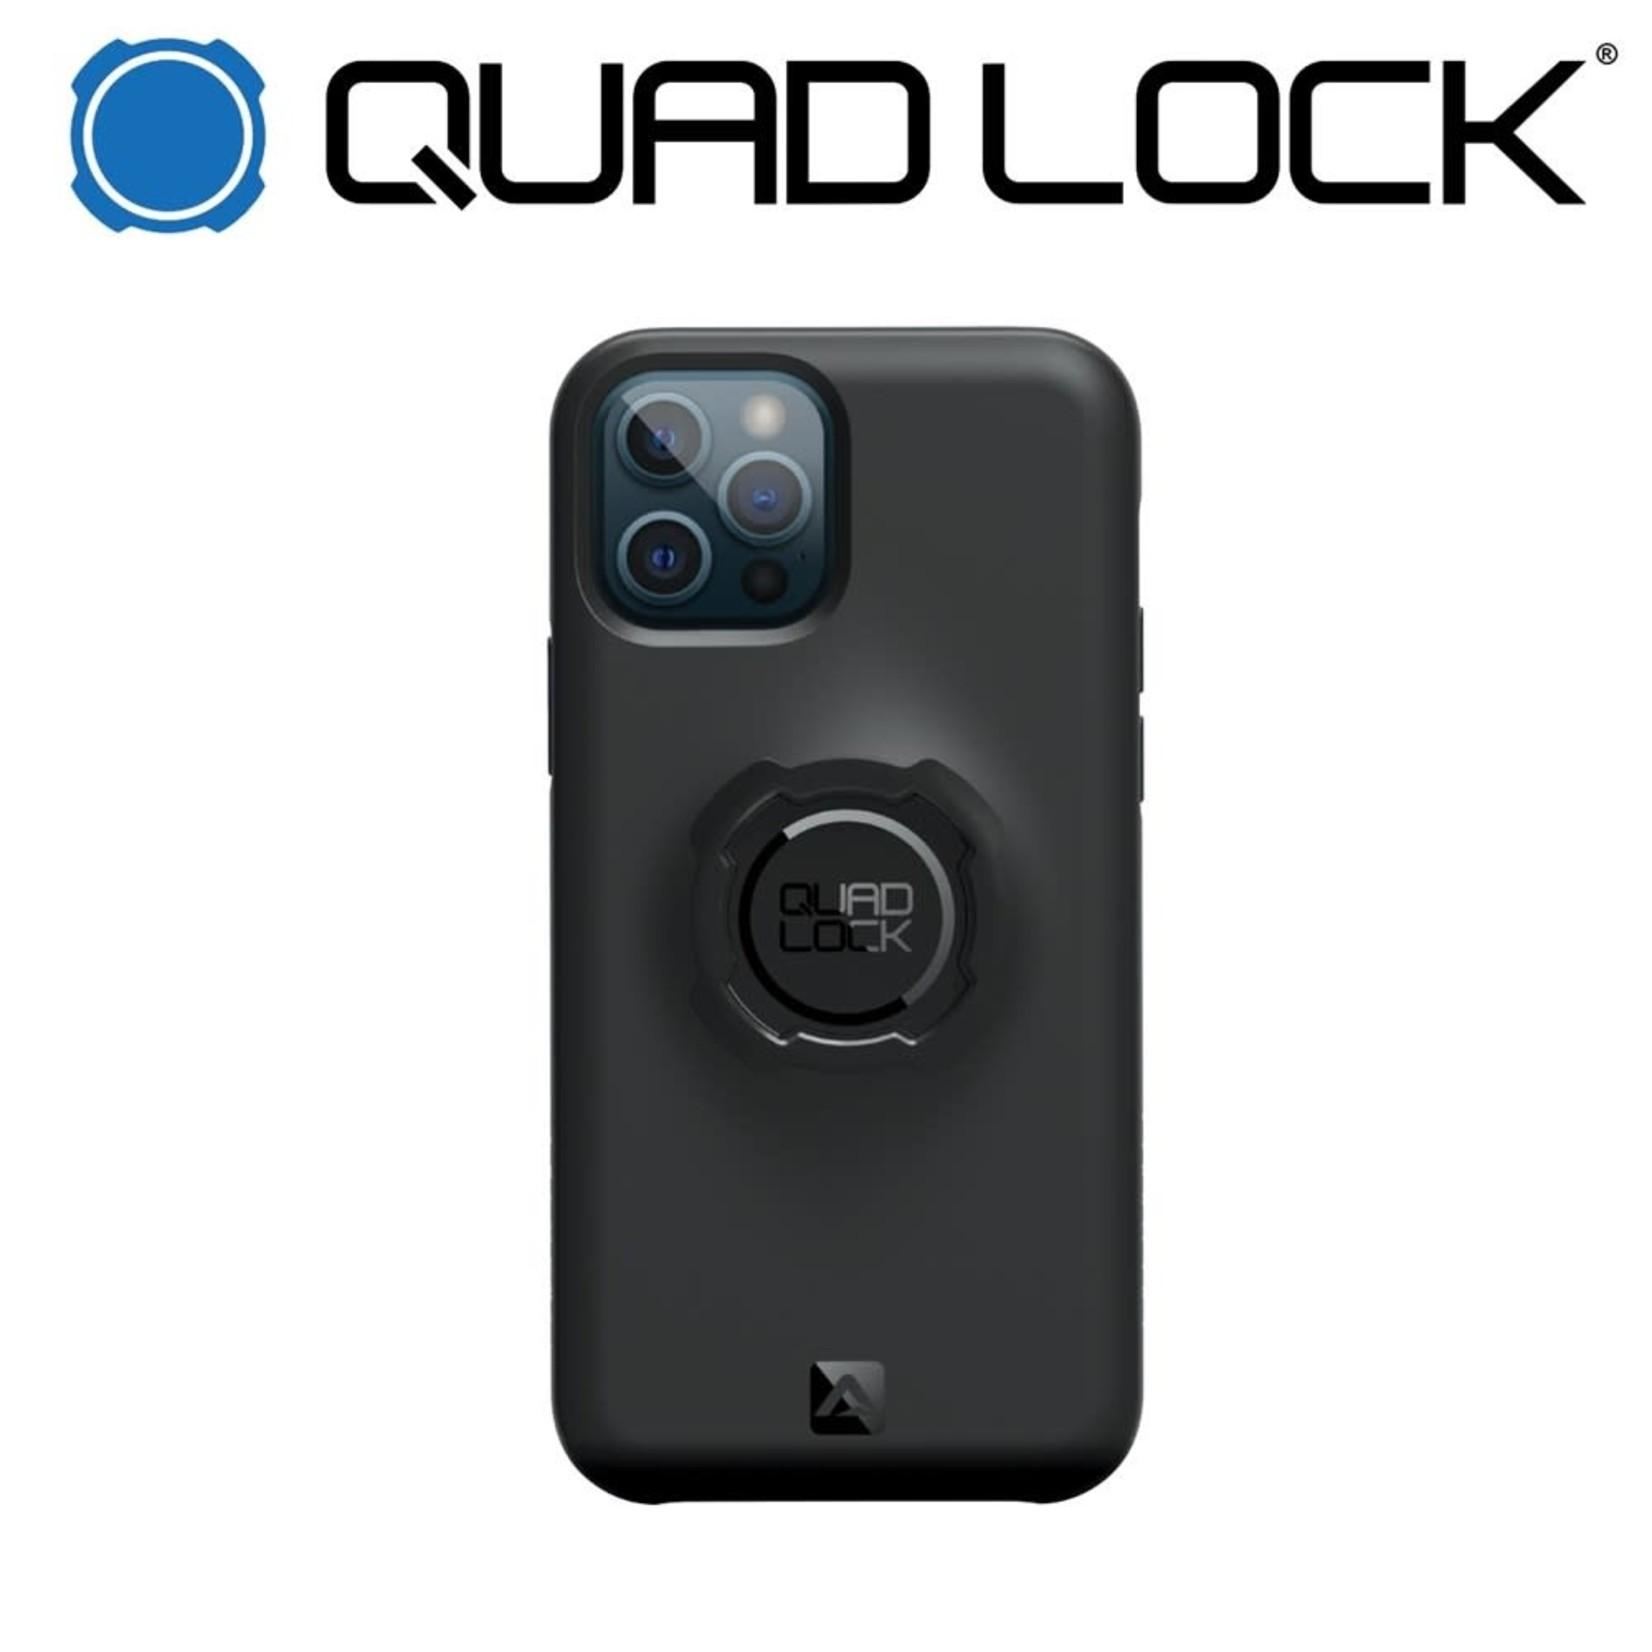 Quad Lock Iphone 12 Pro Case